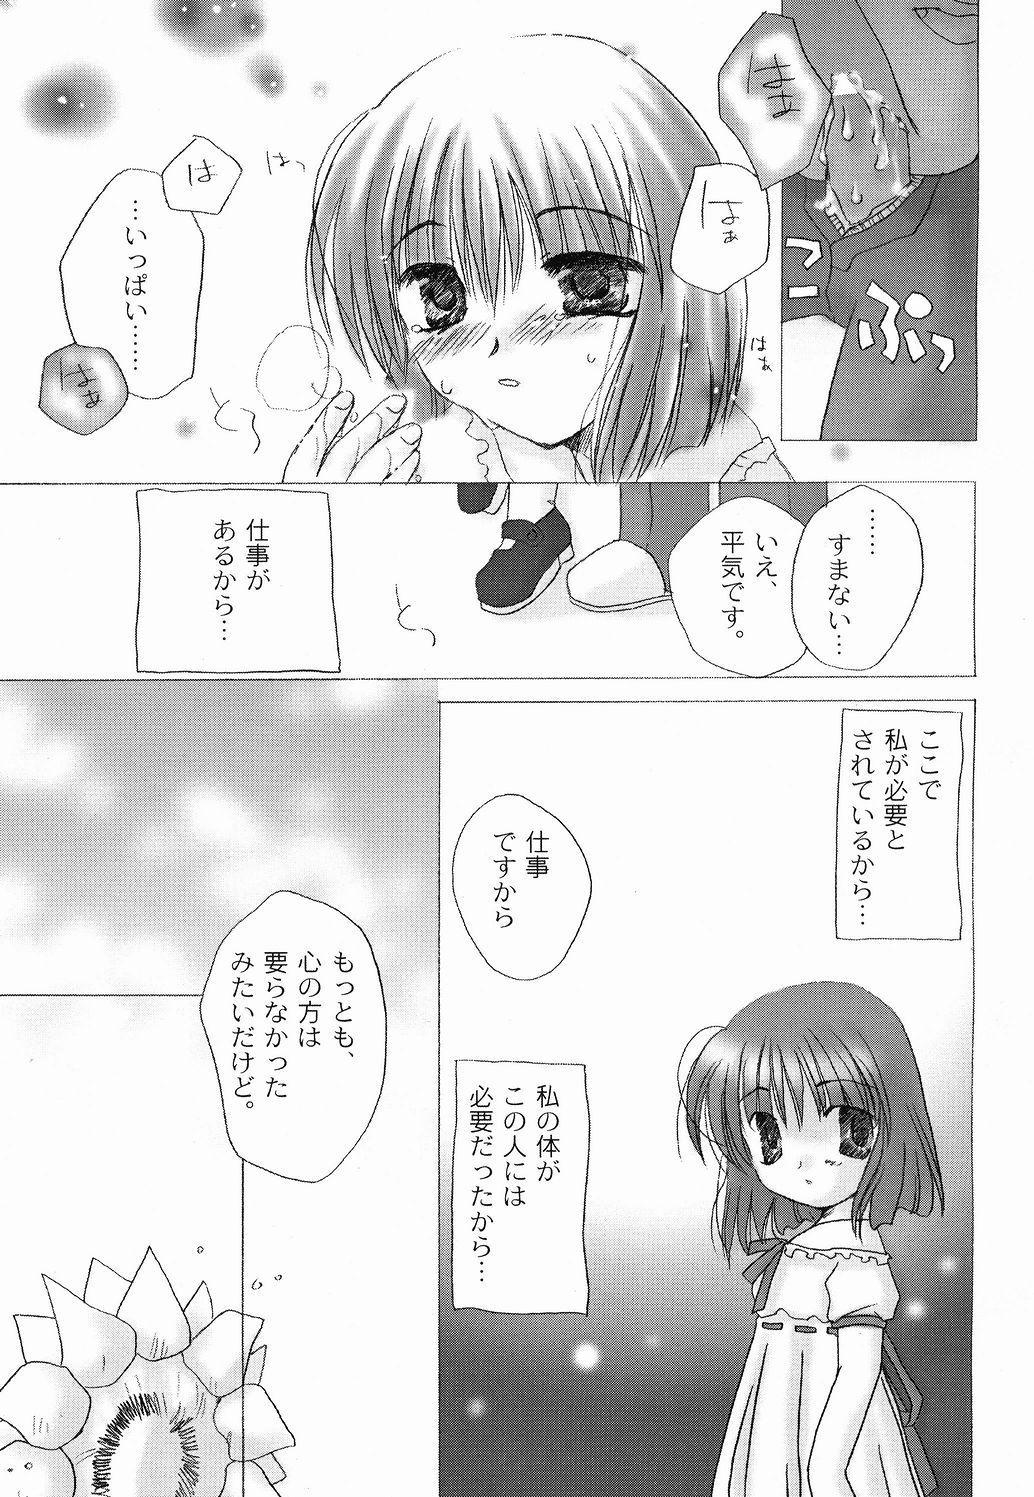 Taiyou to Tsuki ni Somuite 11